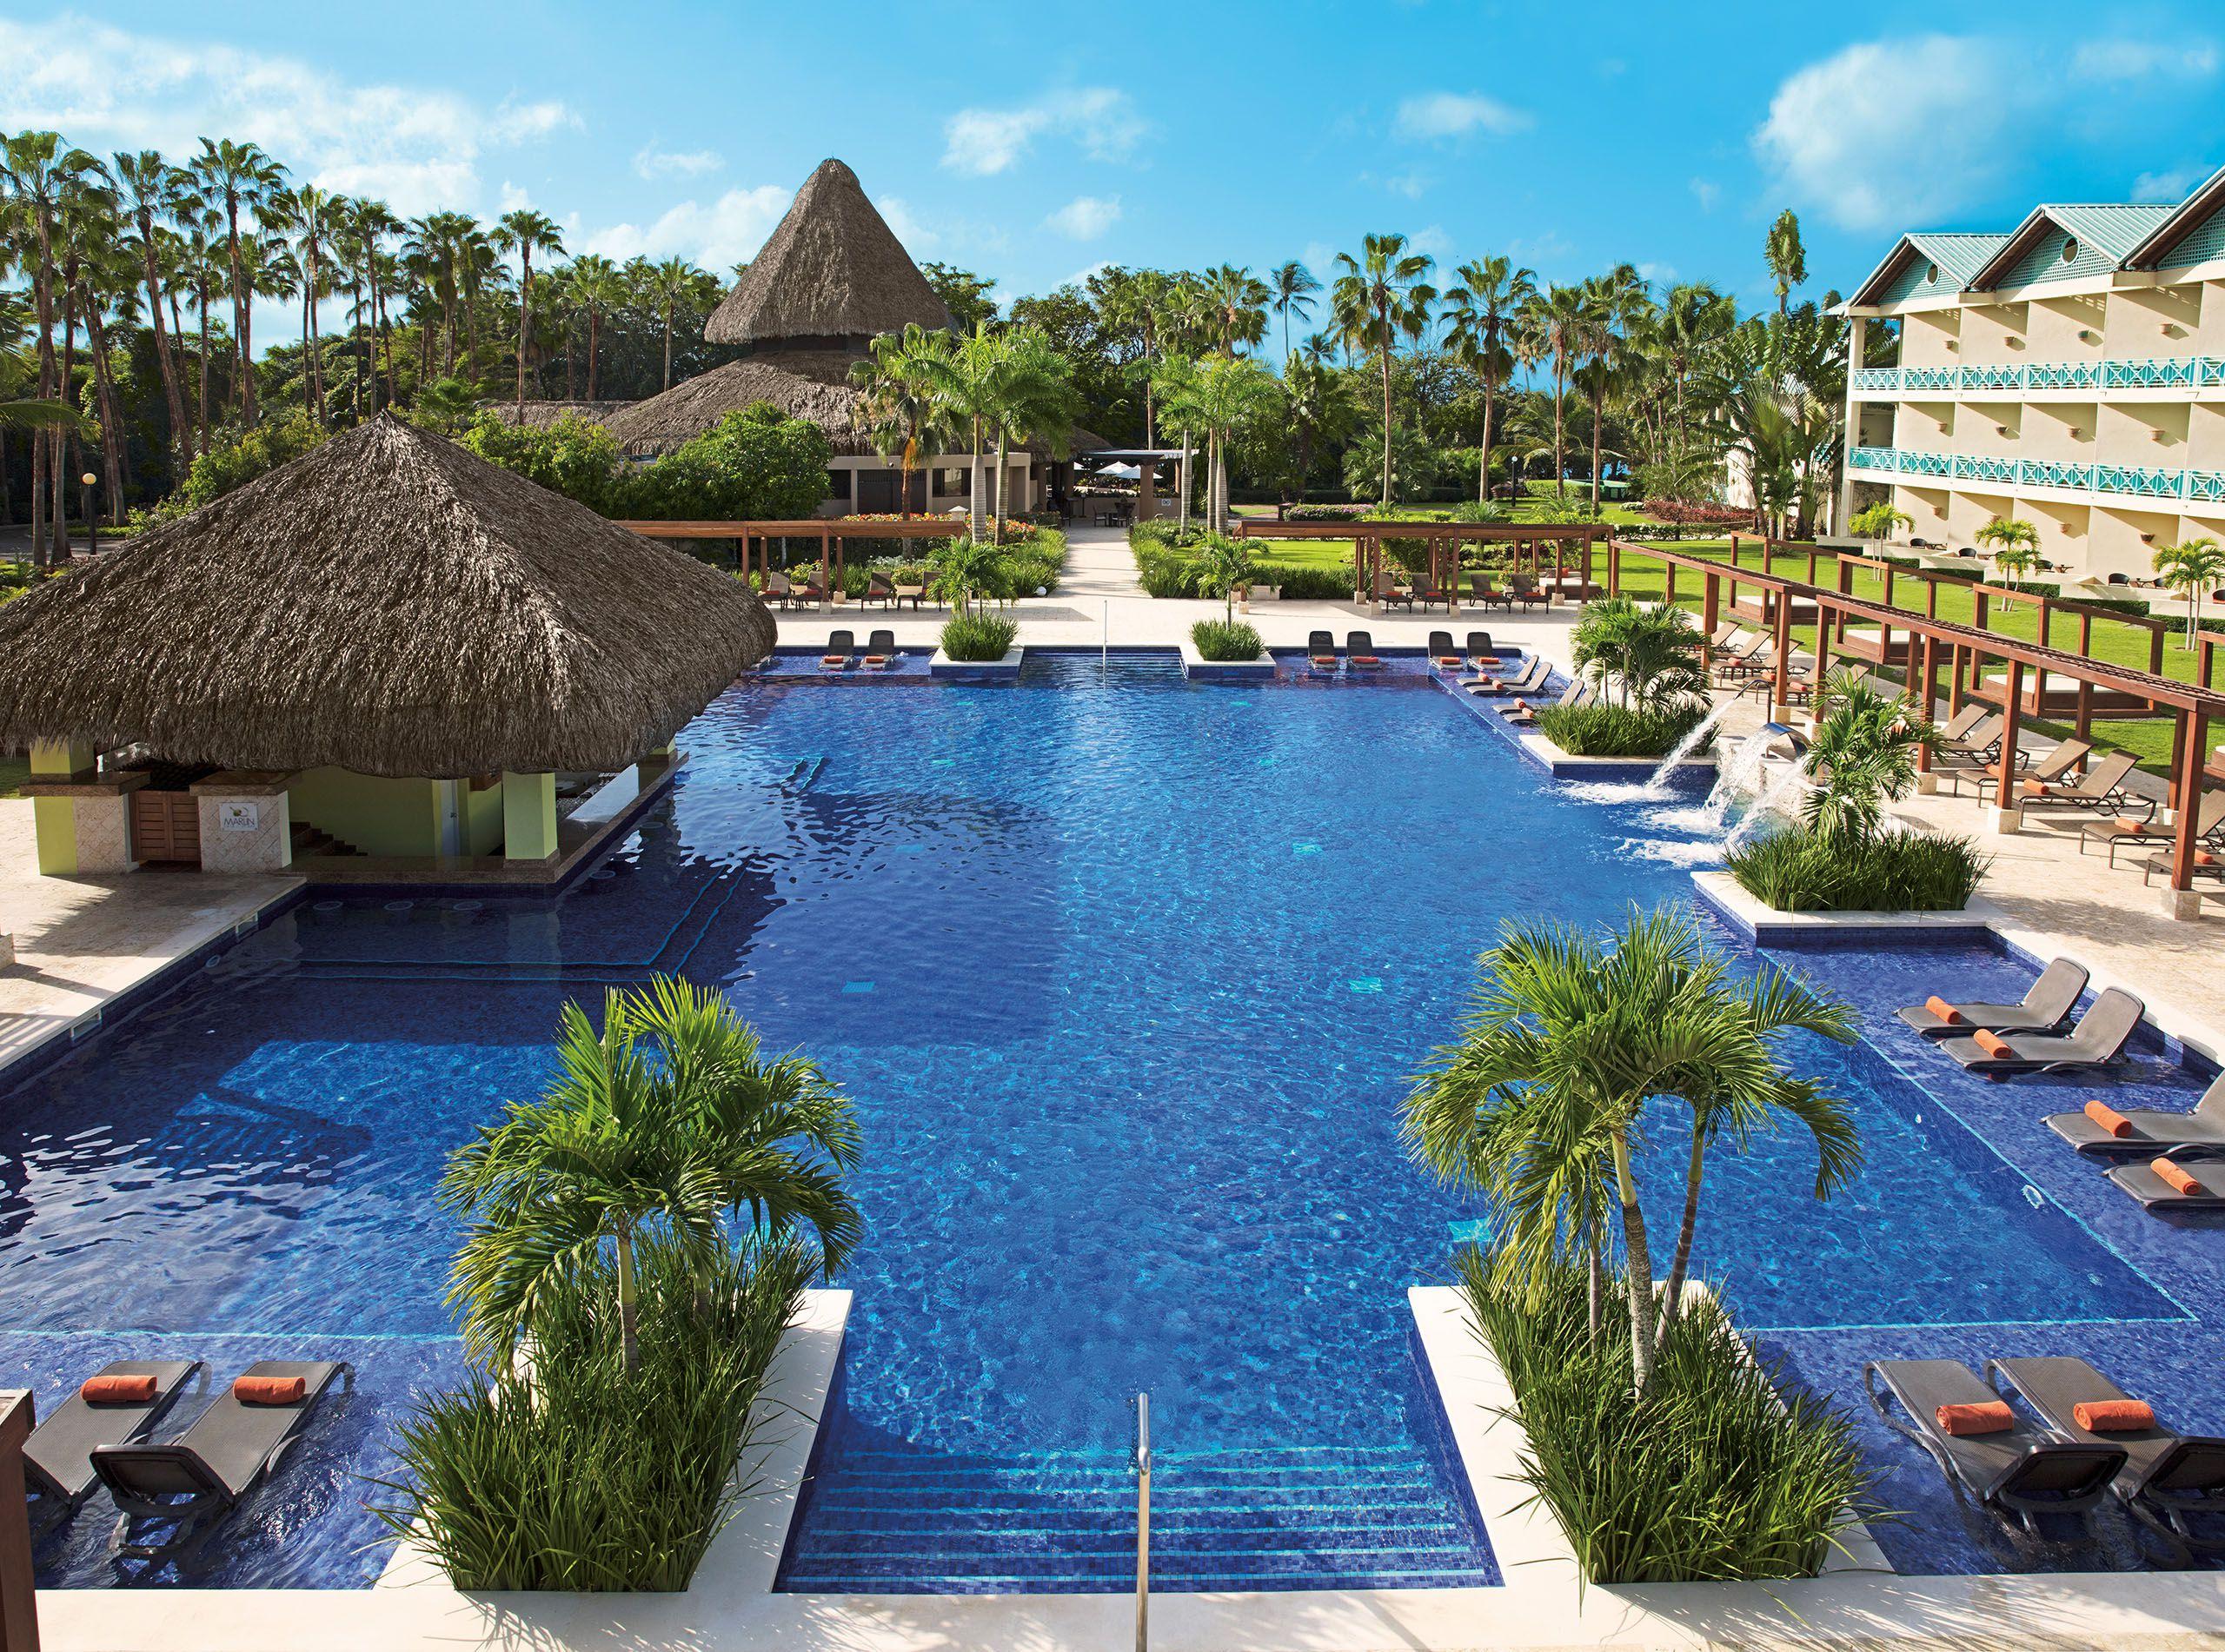 AllInclusive Resorts in the Dominican Republic